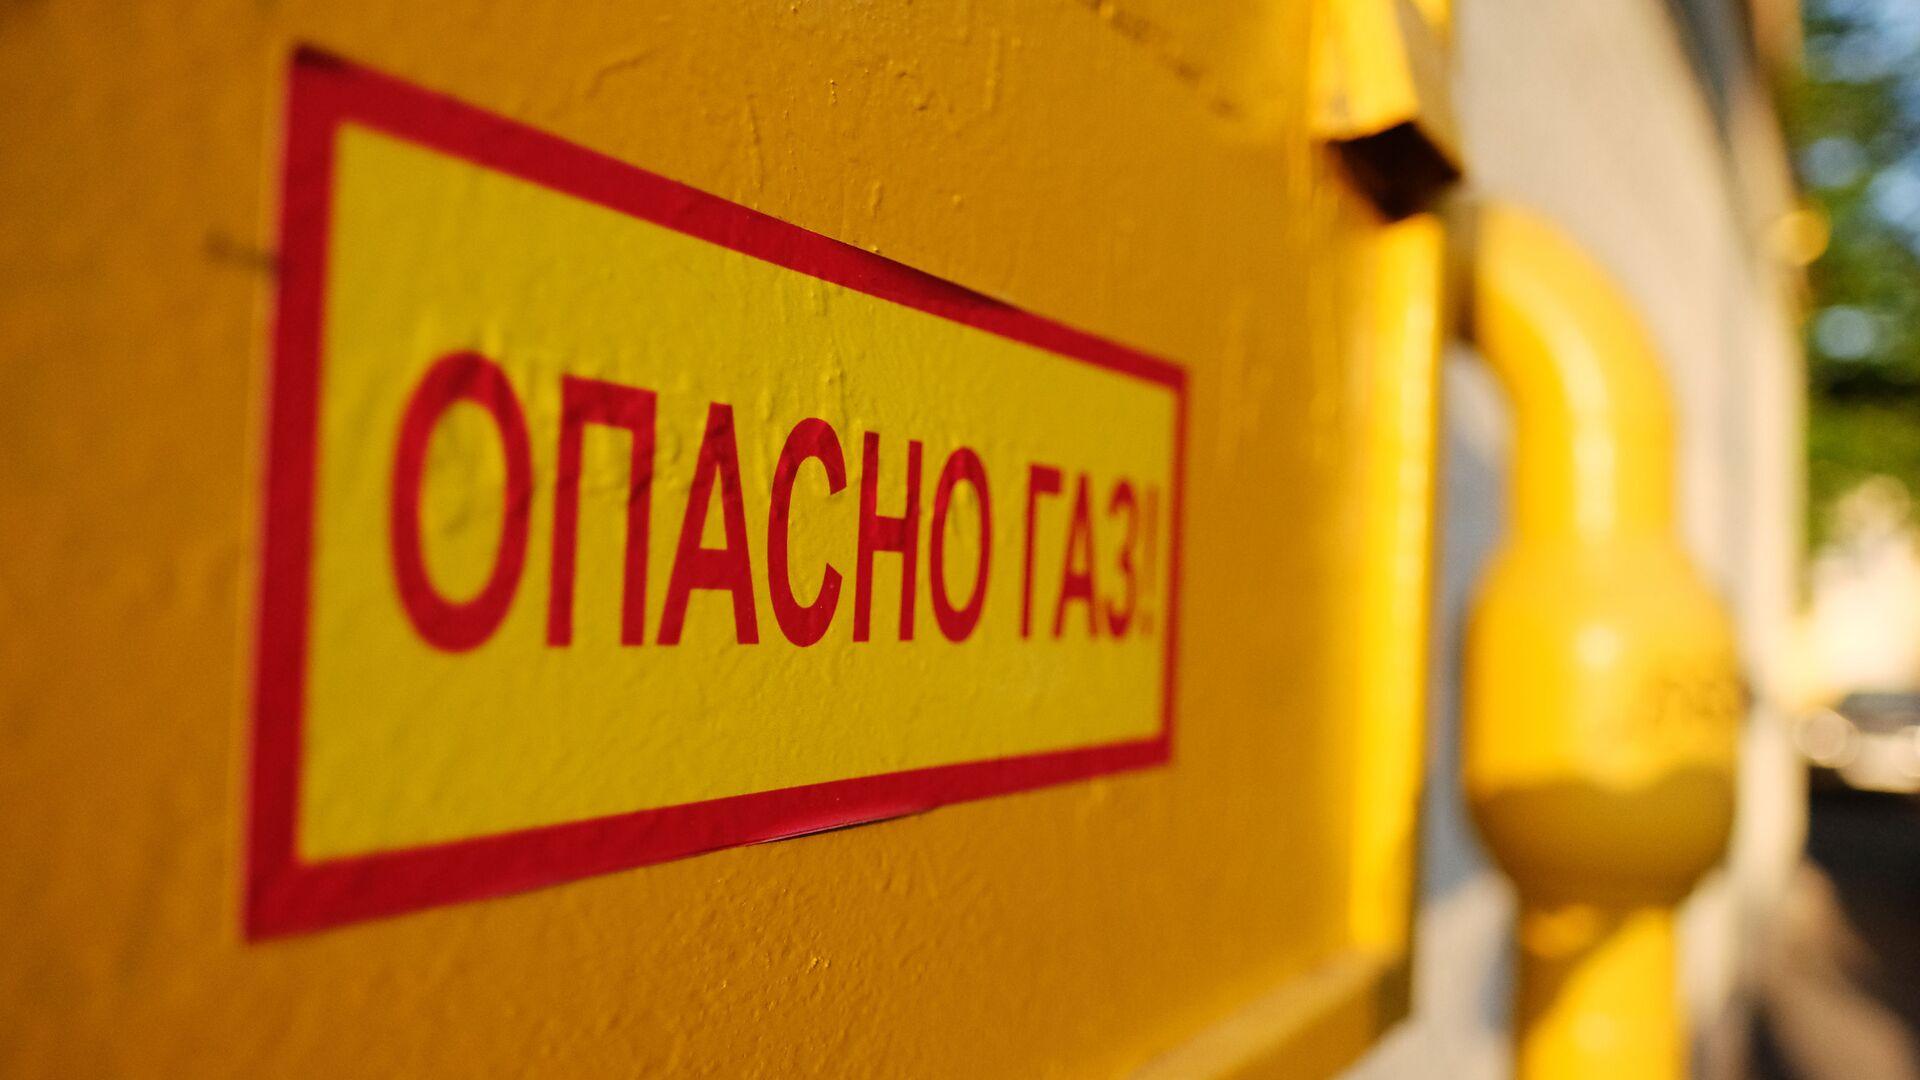 Бытовой газ требует особой внимательности в обращении - Sputnik Беларусь, 1920, 07.10.2021